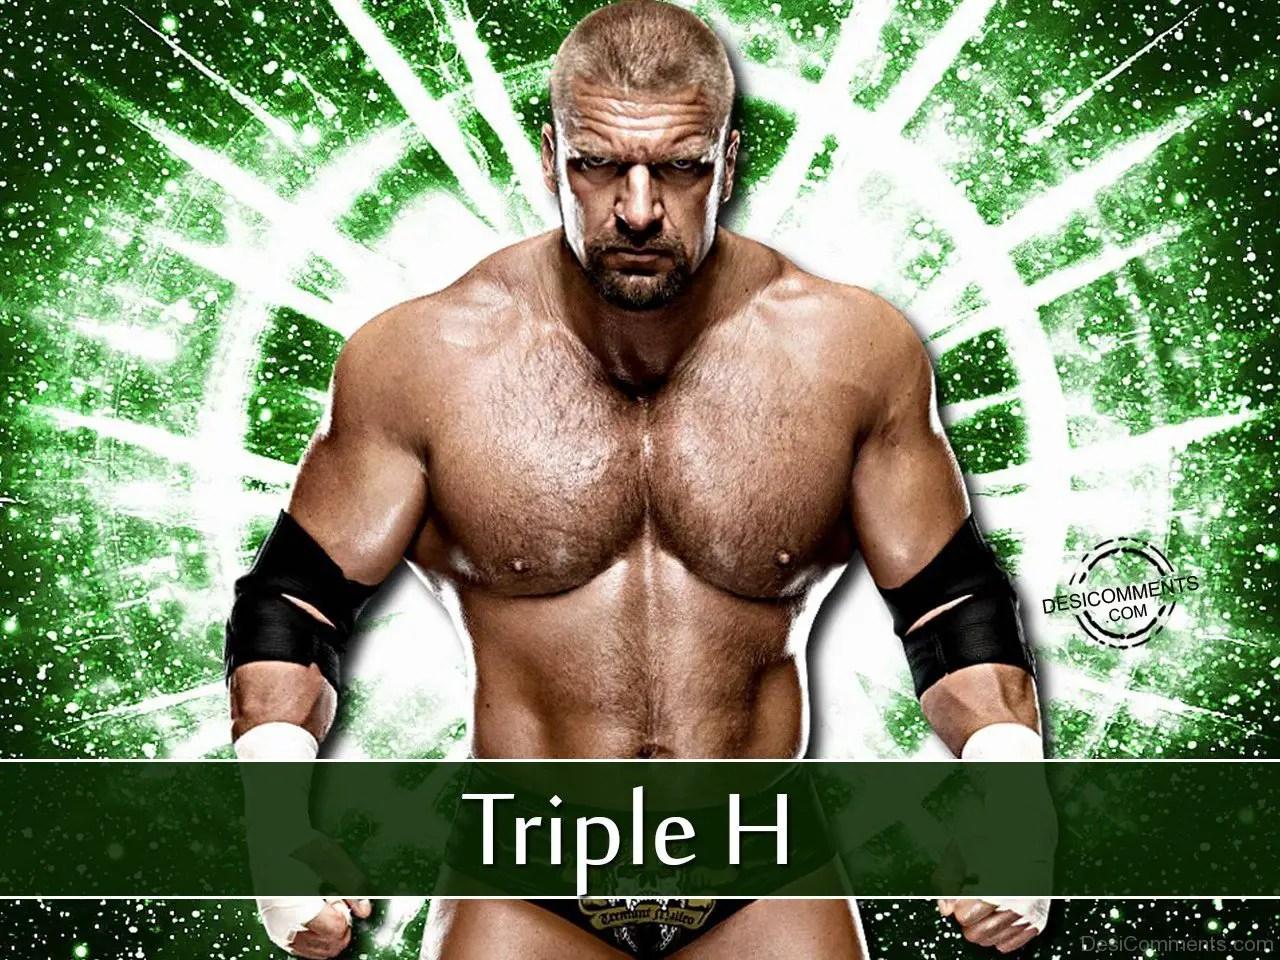 Wwe Champion Triple H